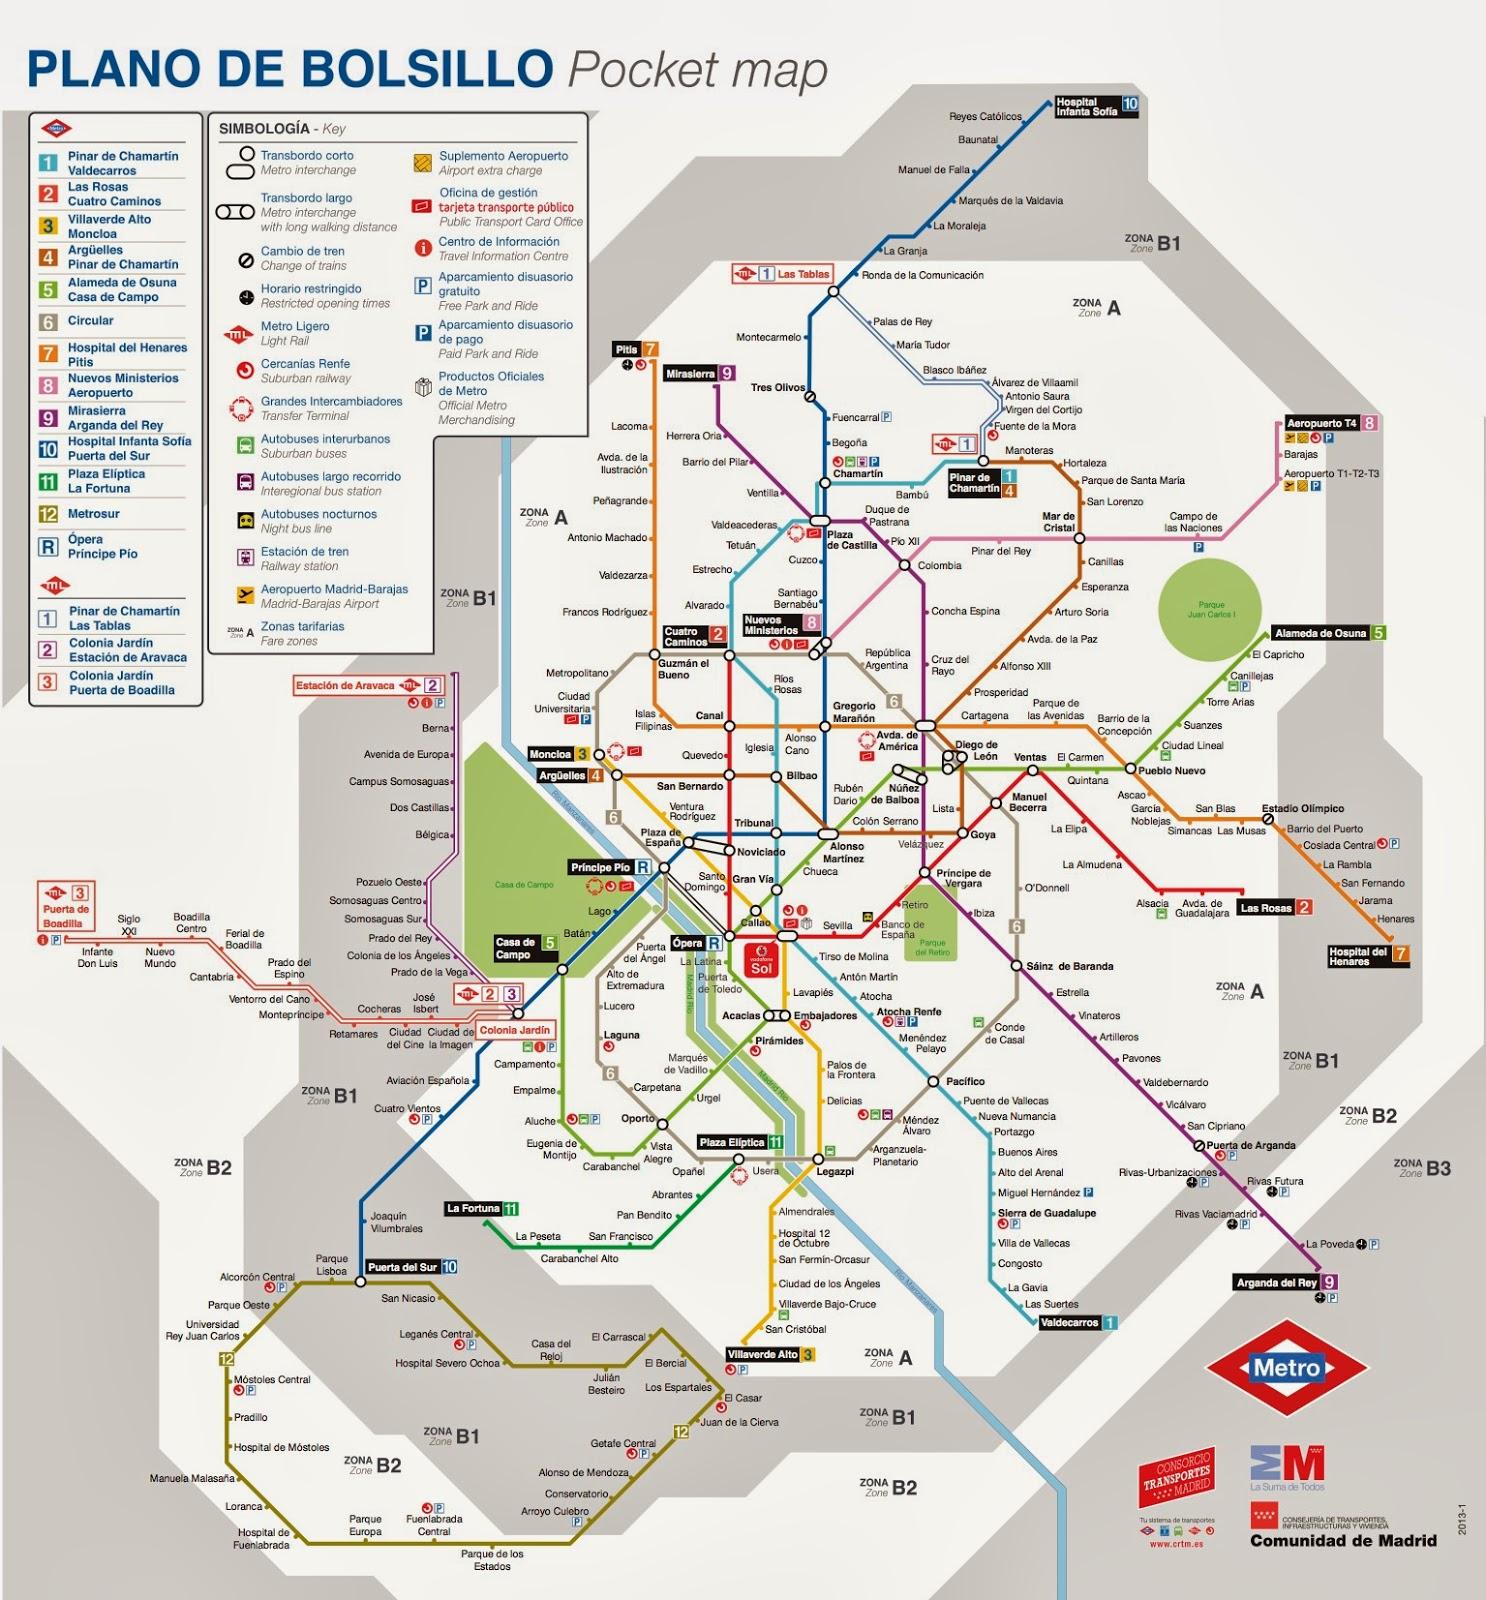 Los 9 mejores planos y mapas del Metro  EL LTIMO MONOES